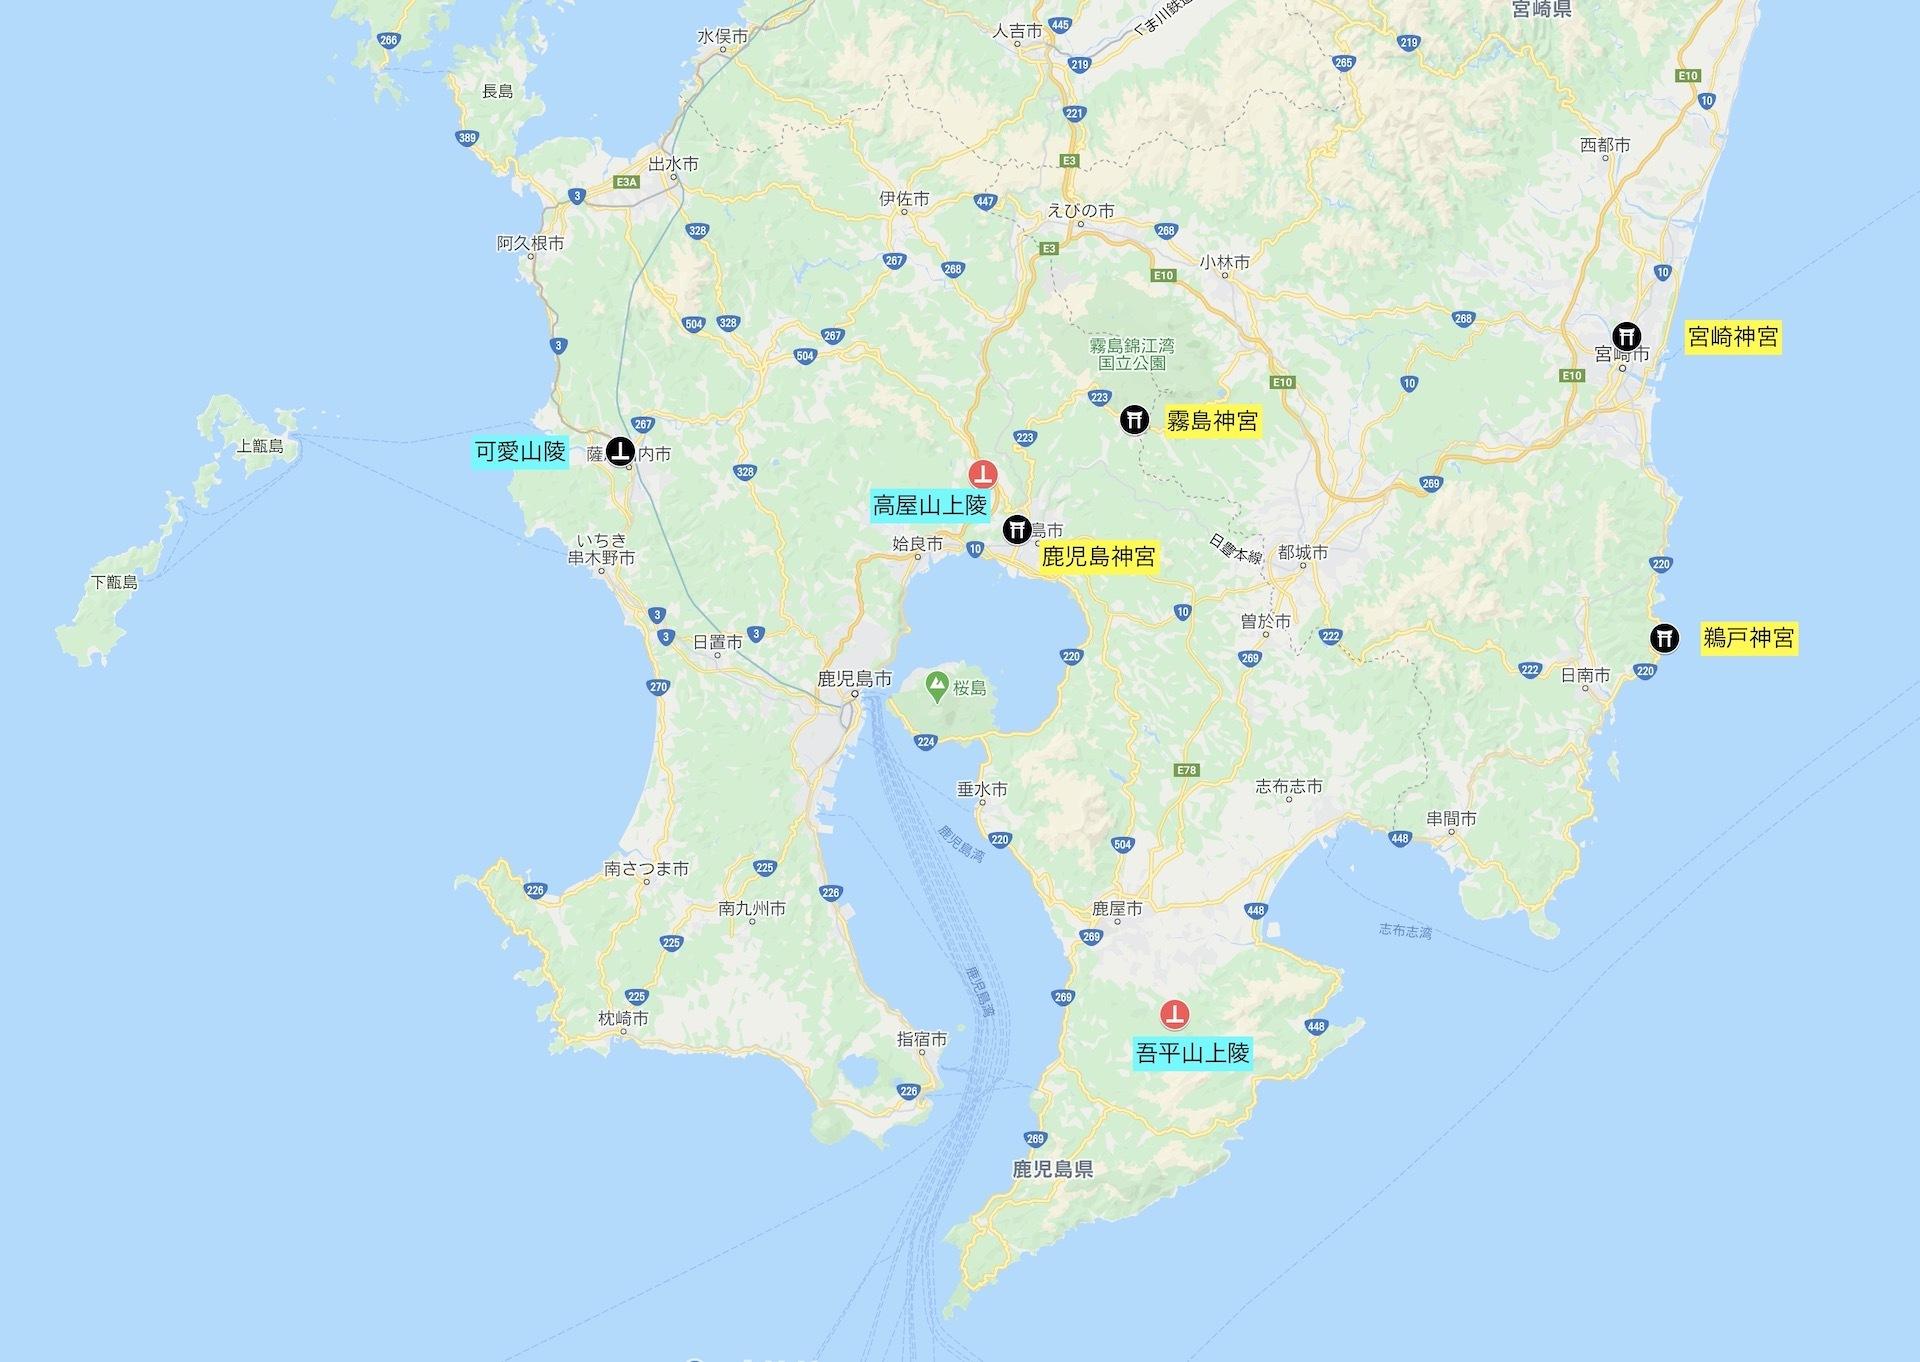 20200112_map2.jpeg